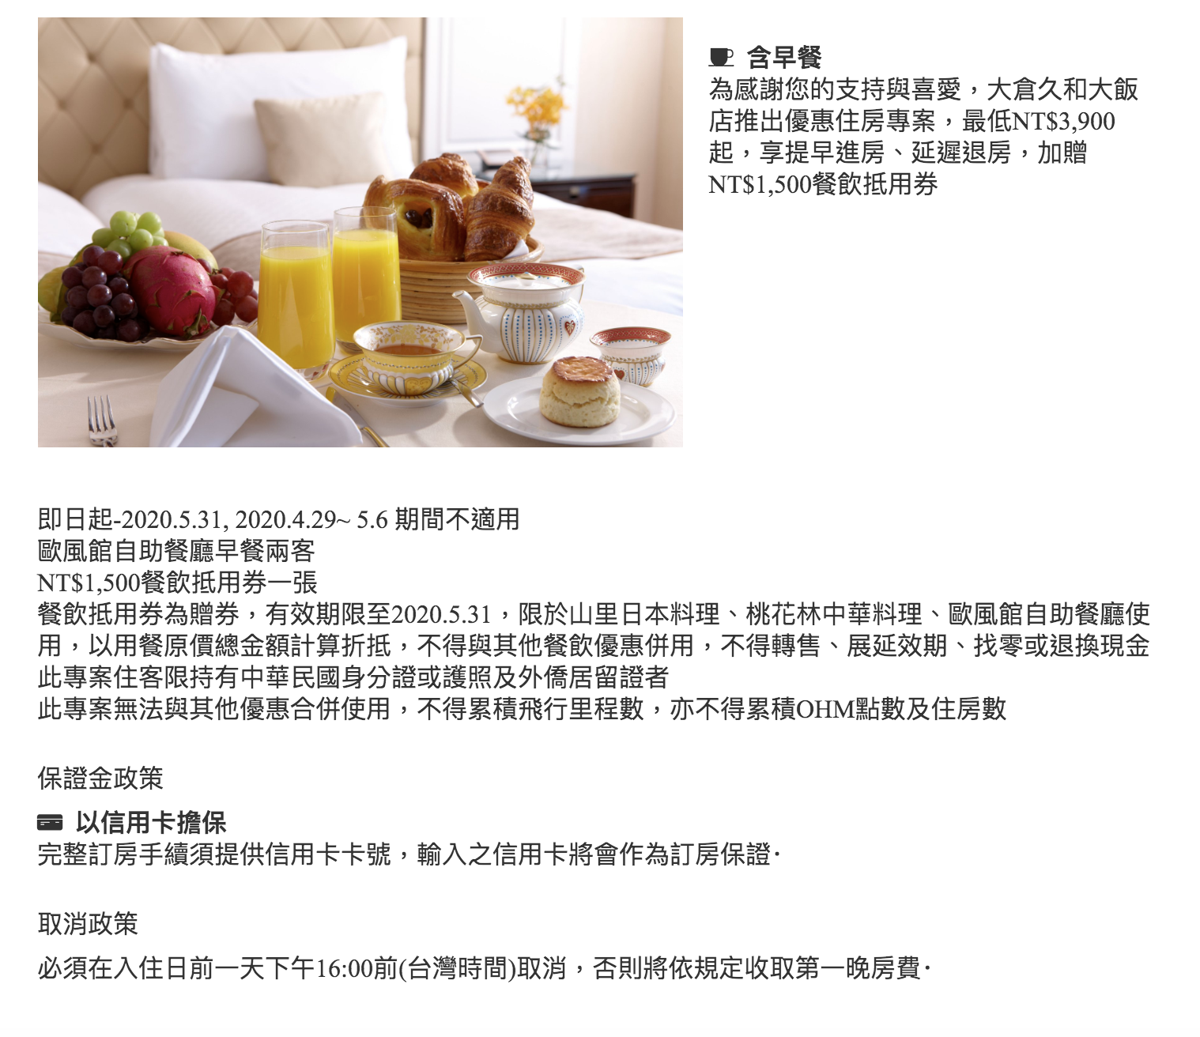 超五星大倉久和,日系名門頂級飯店,住宿3900含早餐、還送1500餐飲回饋!提早入住、延遲退房~